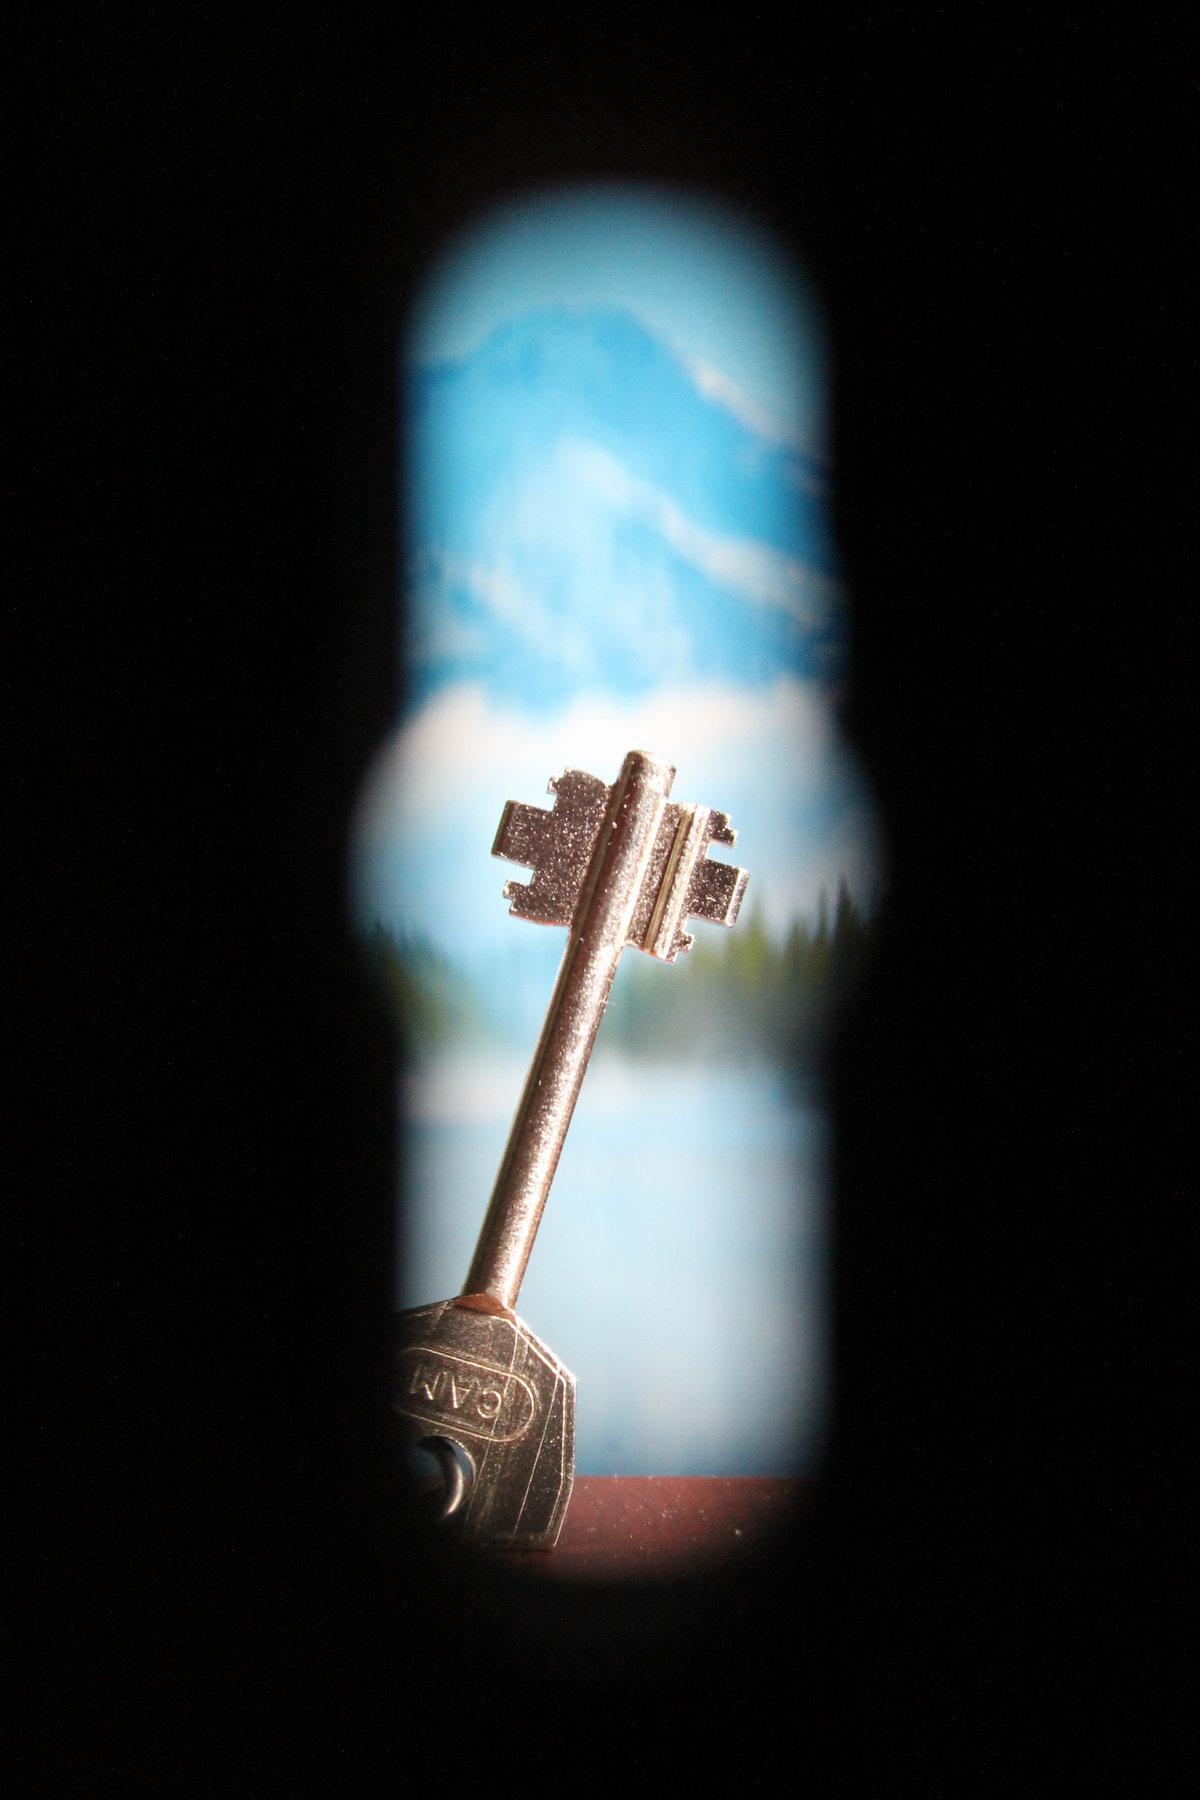 удивительные картинки нашел ключи от рая принимают